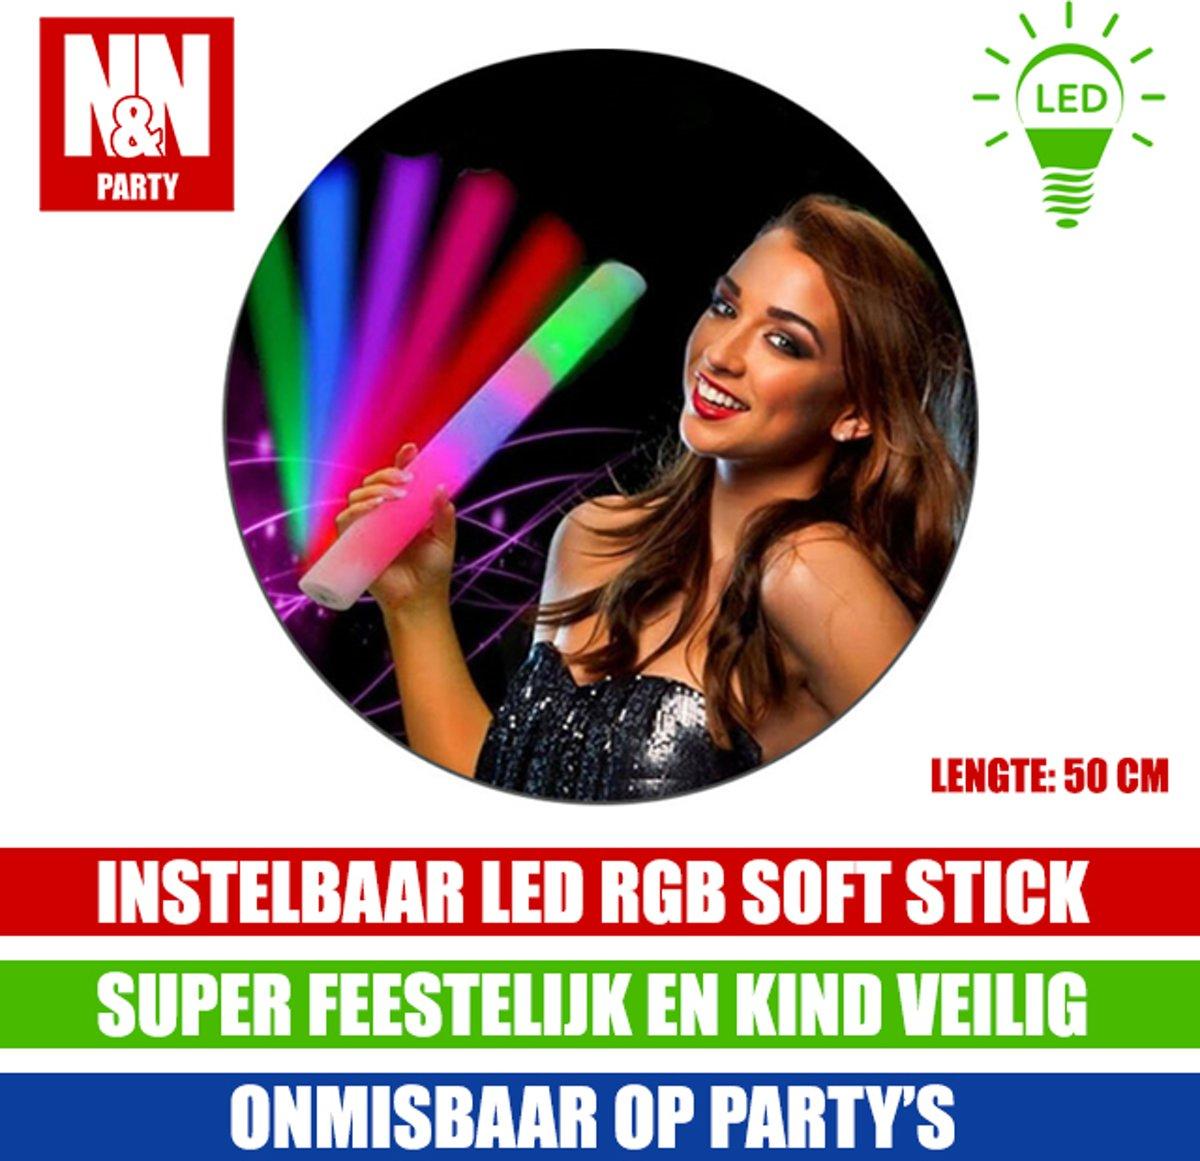 N&N Party LED RGB SchuimStick 50cm lang - Ideaal Voor Evenement - Verjaardag - Kinderfeest -Inclusief Batterijen kopen